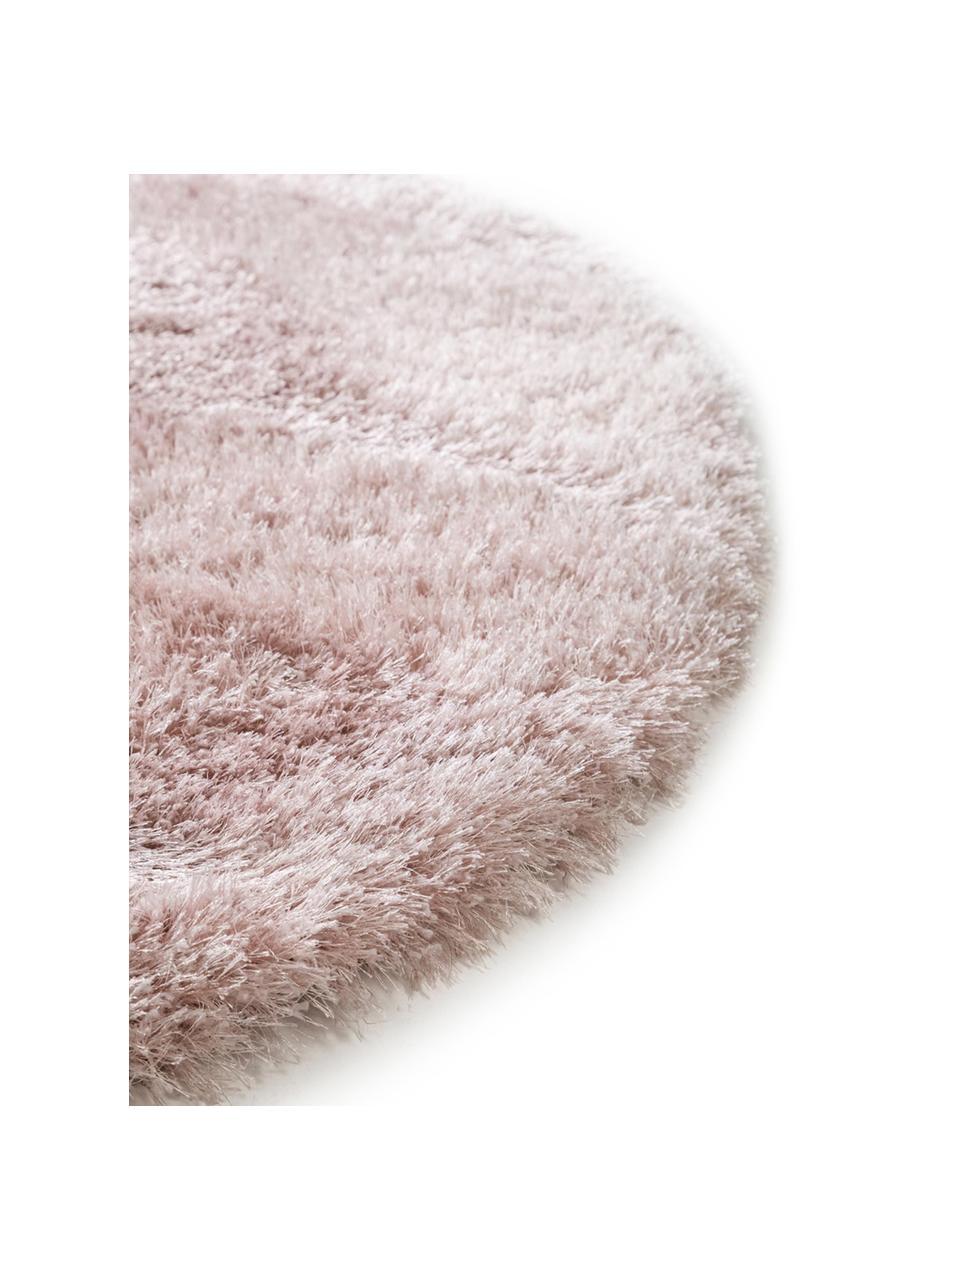 Glänzender Hochflor-Teppich Lea in Rosa, rund, 50% Polyester, 50% Polypropylen, Rosa, Ø 200 cm (Größe L)